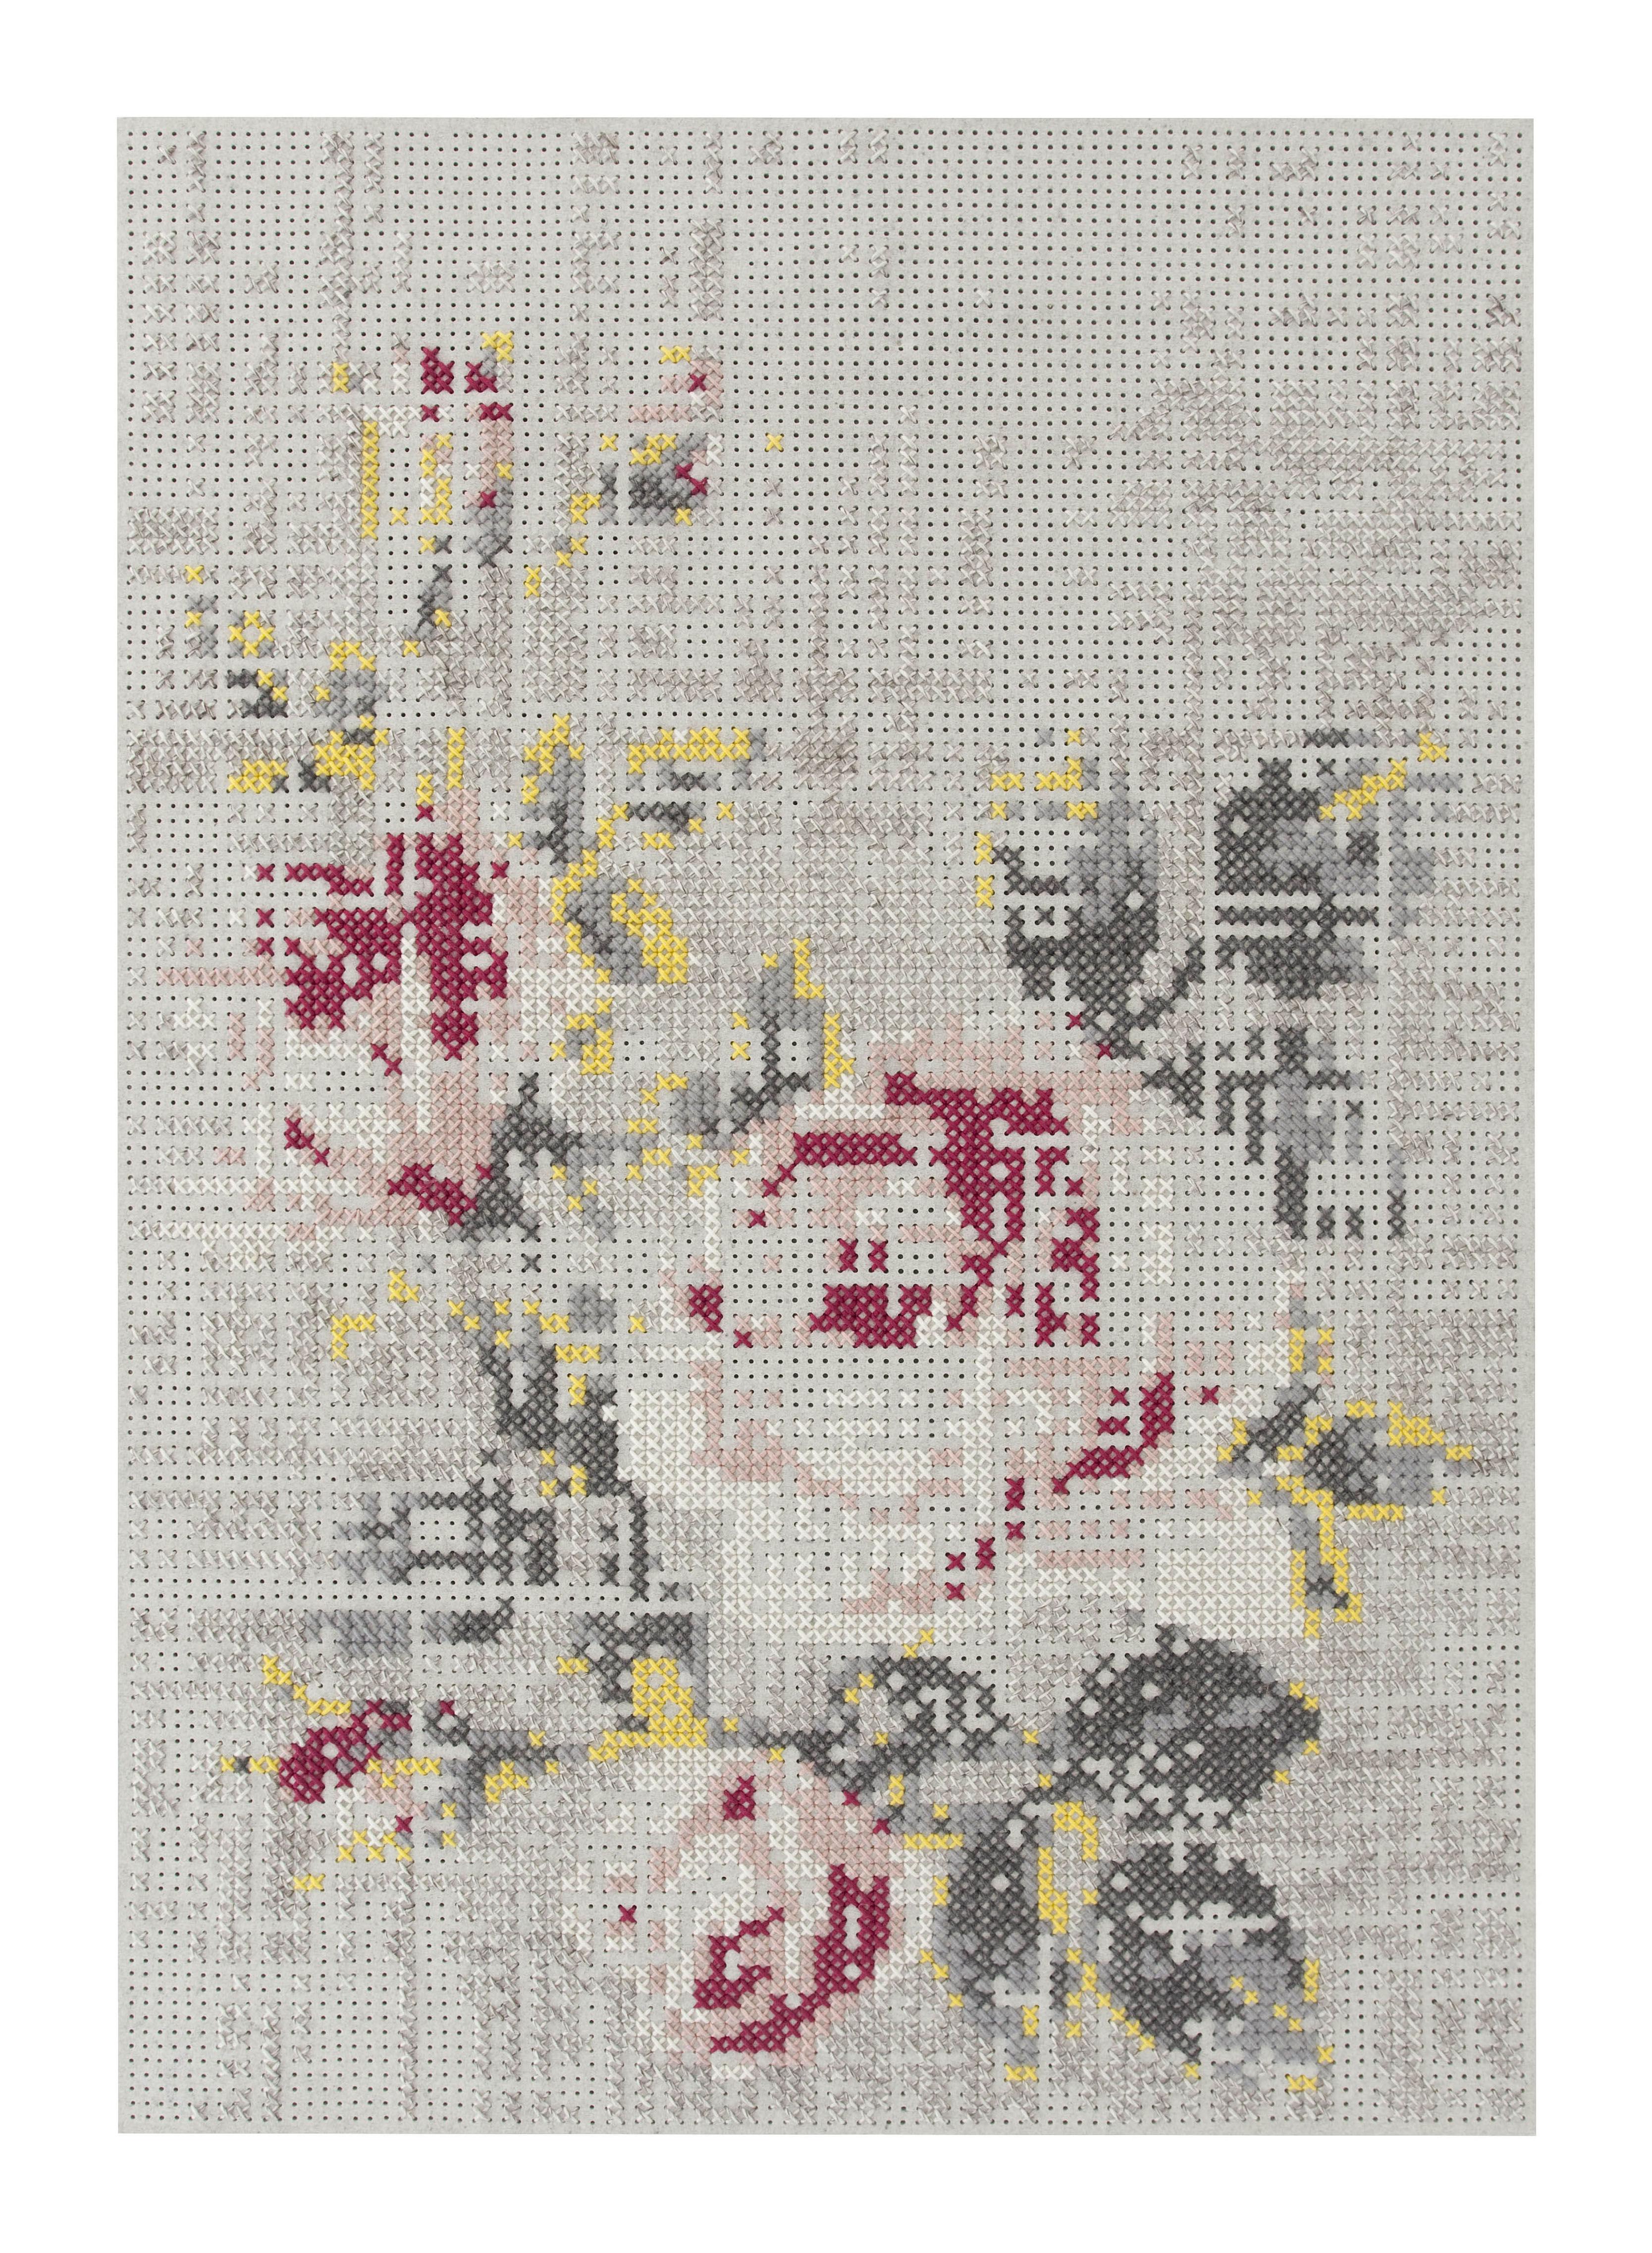 Dekoration - Teppiche - Flowers Teppich / 170 x 240 cm - Gan - Natur - Filz, Wolle